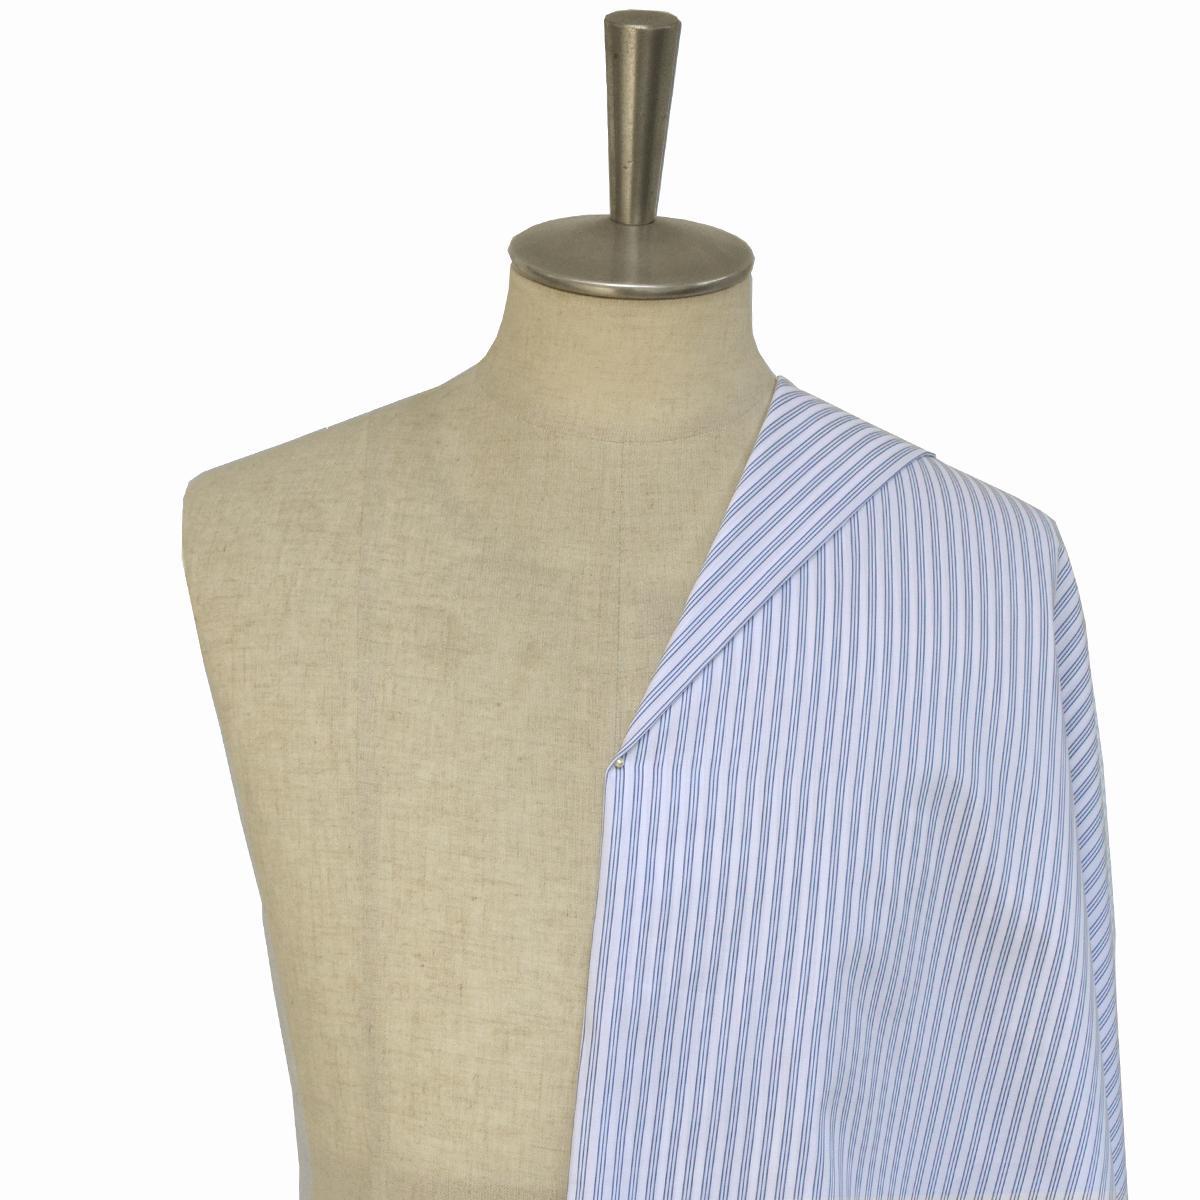 [オーダーシャツ]立体的に見えるブルーストライプがお洒落なアクセントに!